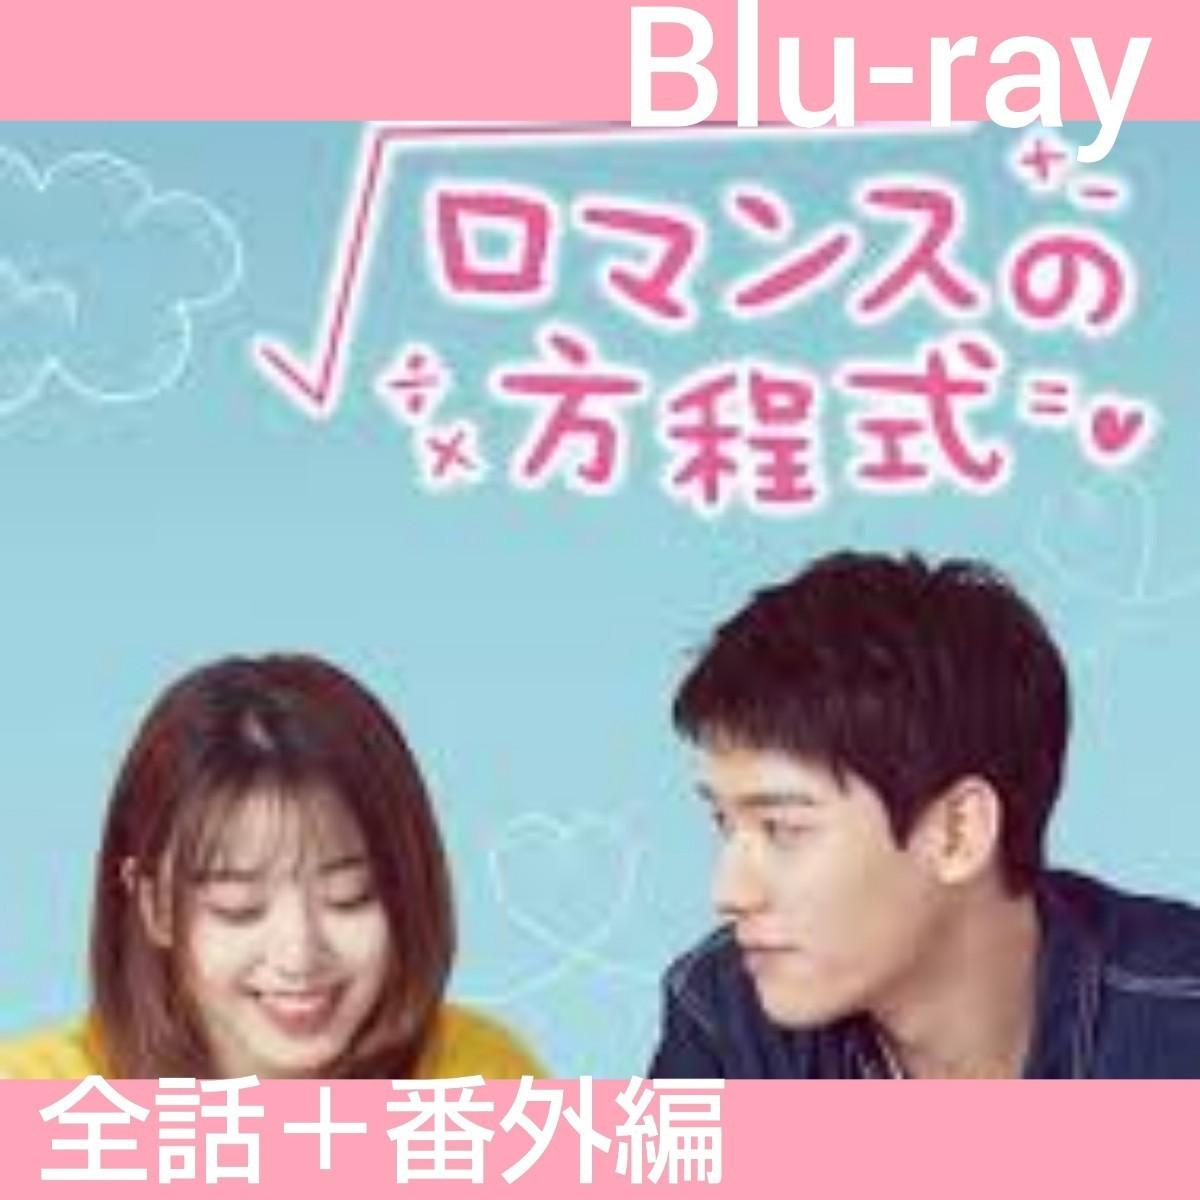 中国ドラマ ロマンスの方程式 全話 + 番外編 Blu-ray